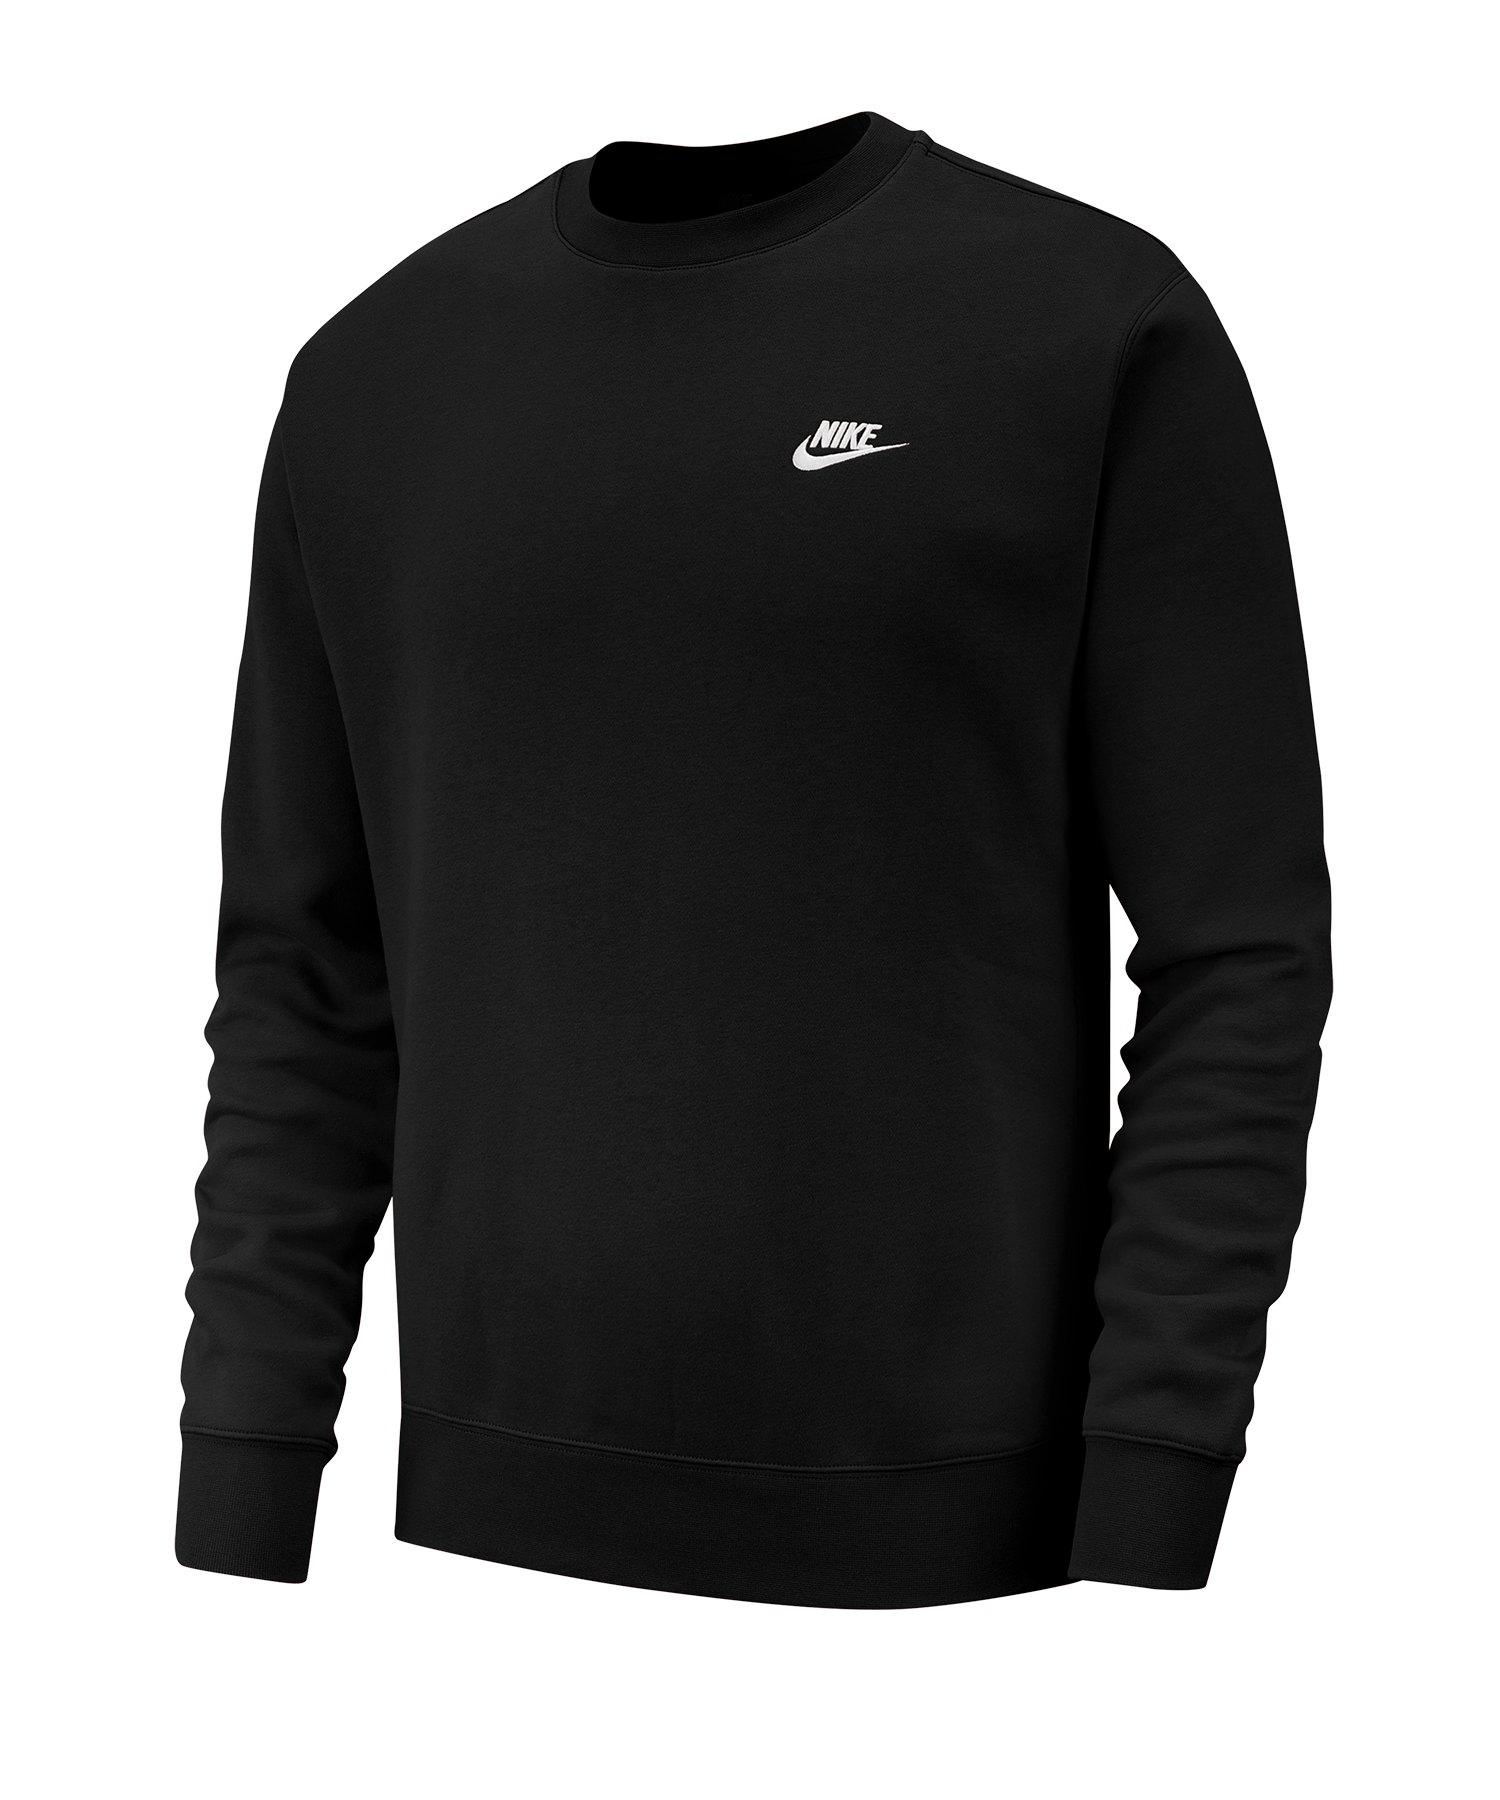 Nike Club Crew Sweatshirt Schwarz Weiss F010 - schwarz